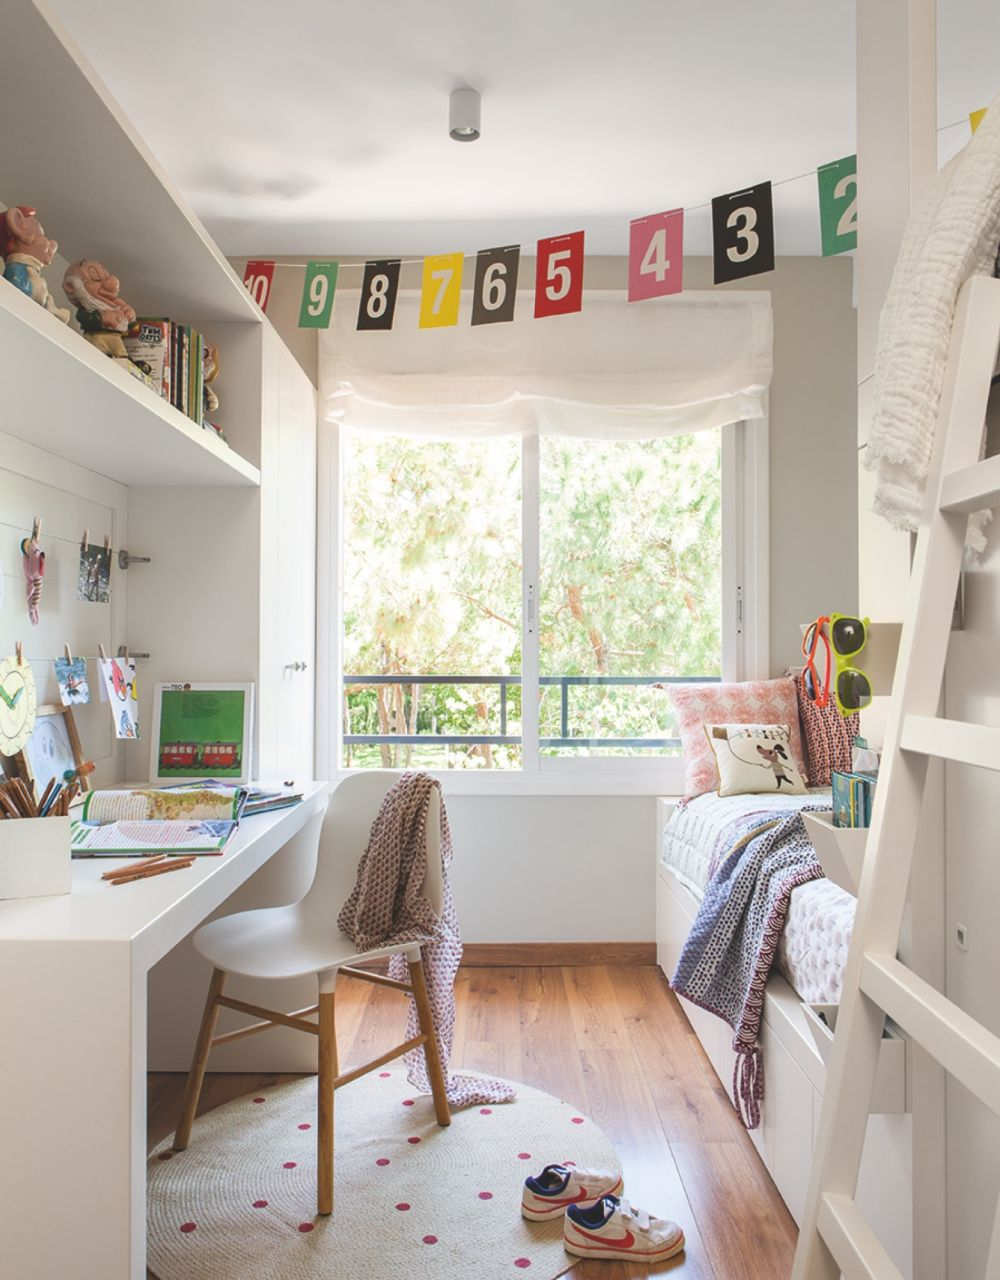 adelaparvu-com-despre-casa-in-stil-mediteranean-barcelona-designer-meritxell-ribe-29